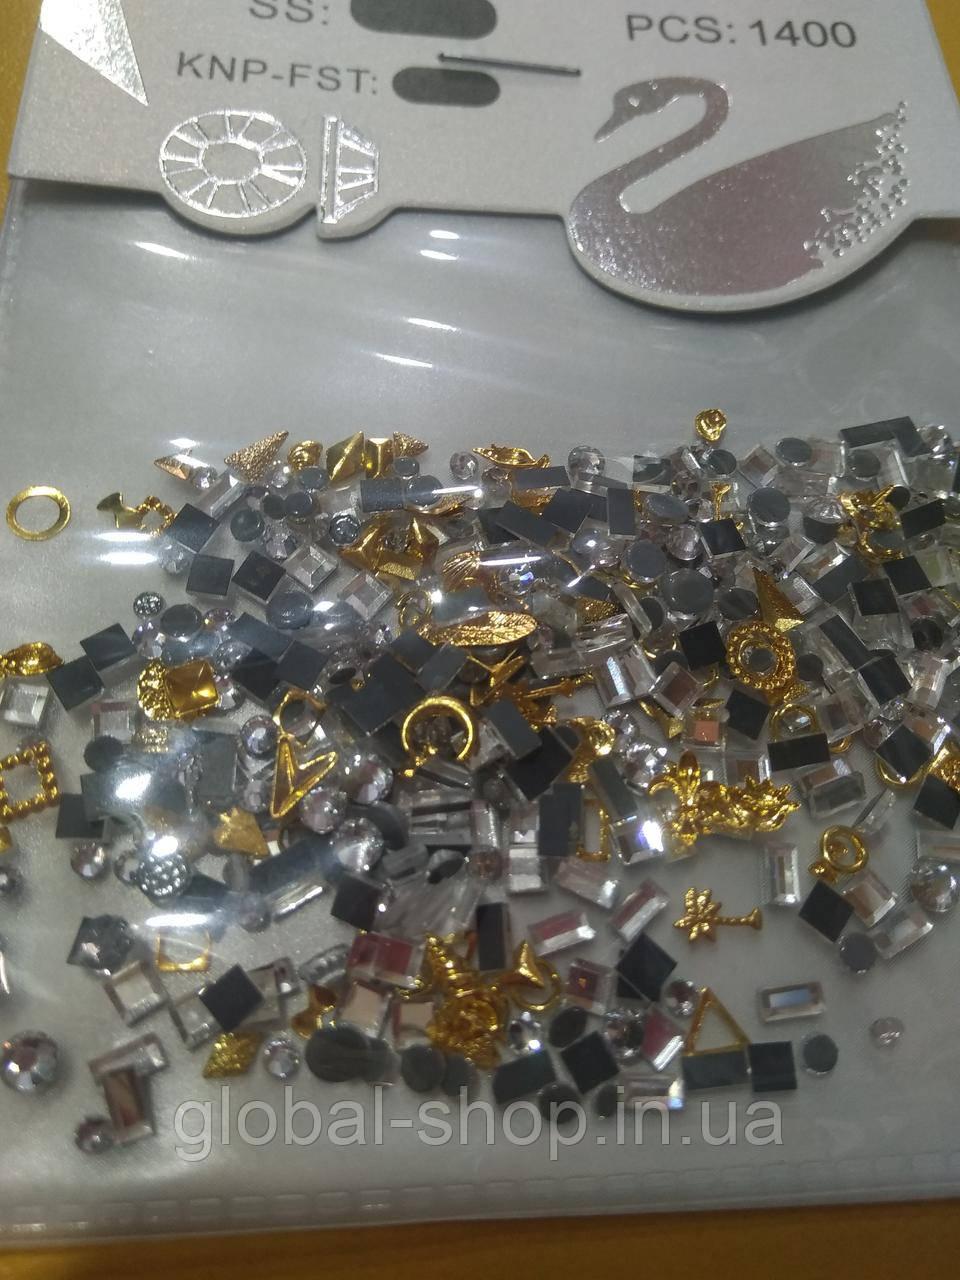 Декор для дизайна ногтей камни микс+металлические фигурки, 1400 шт, 2 вида